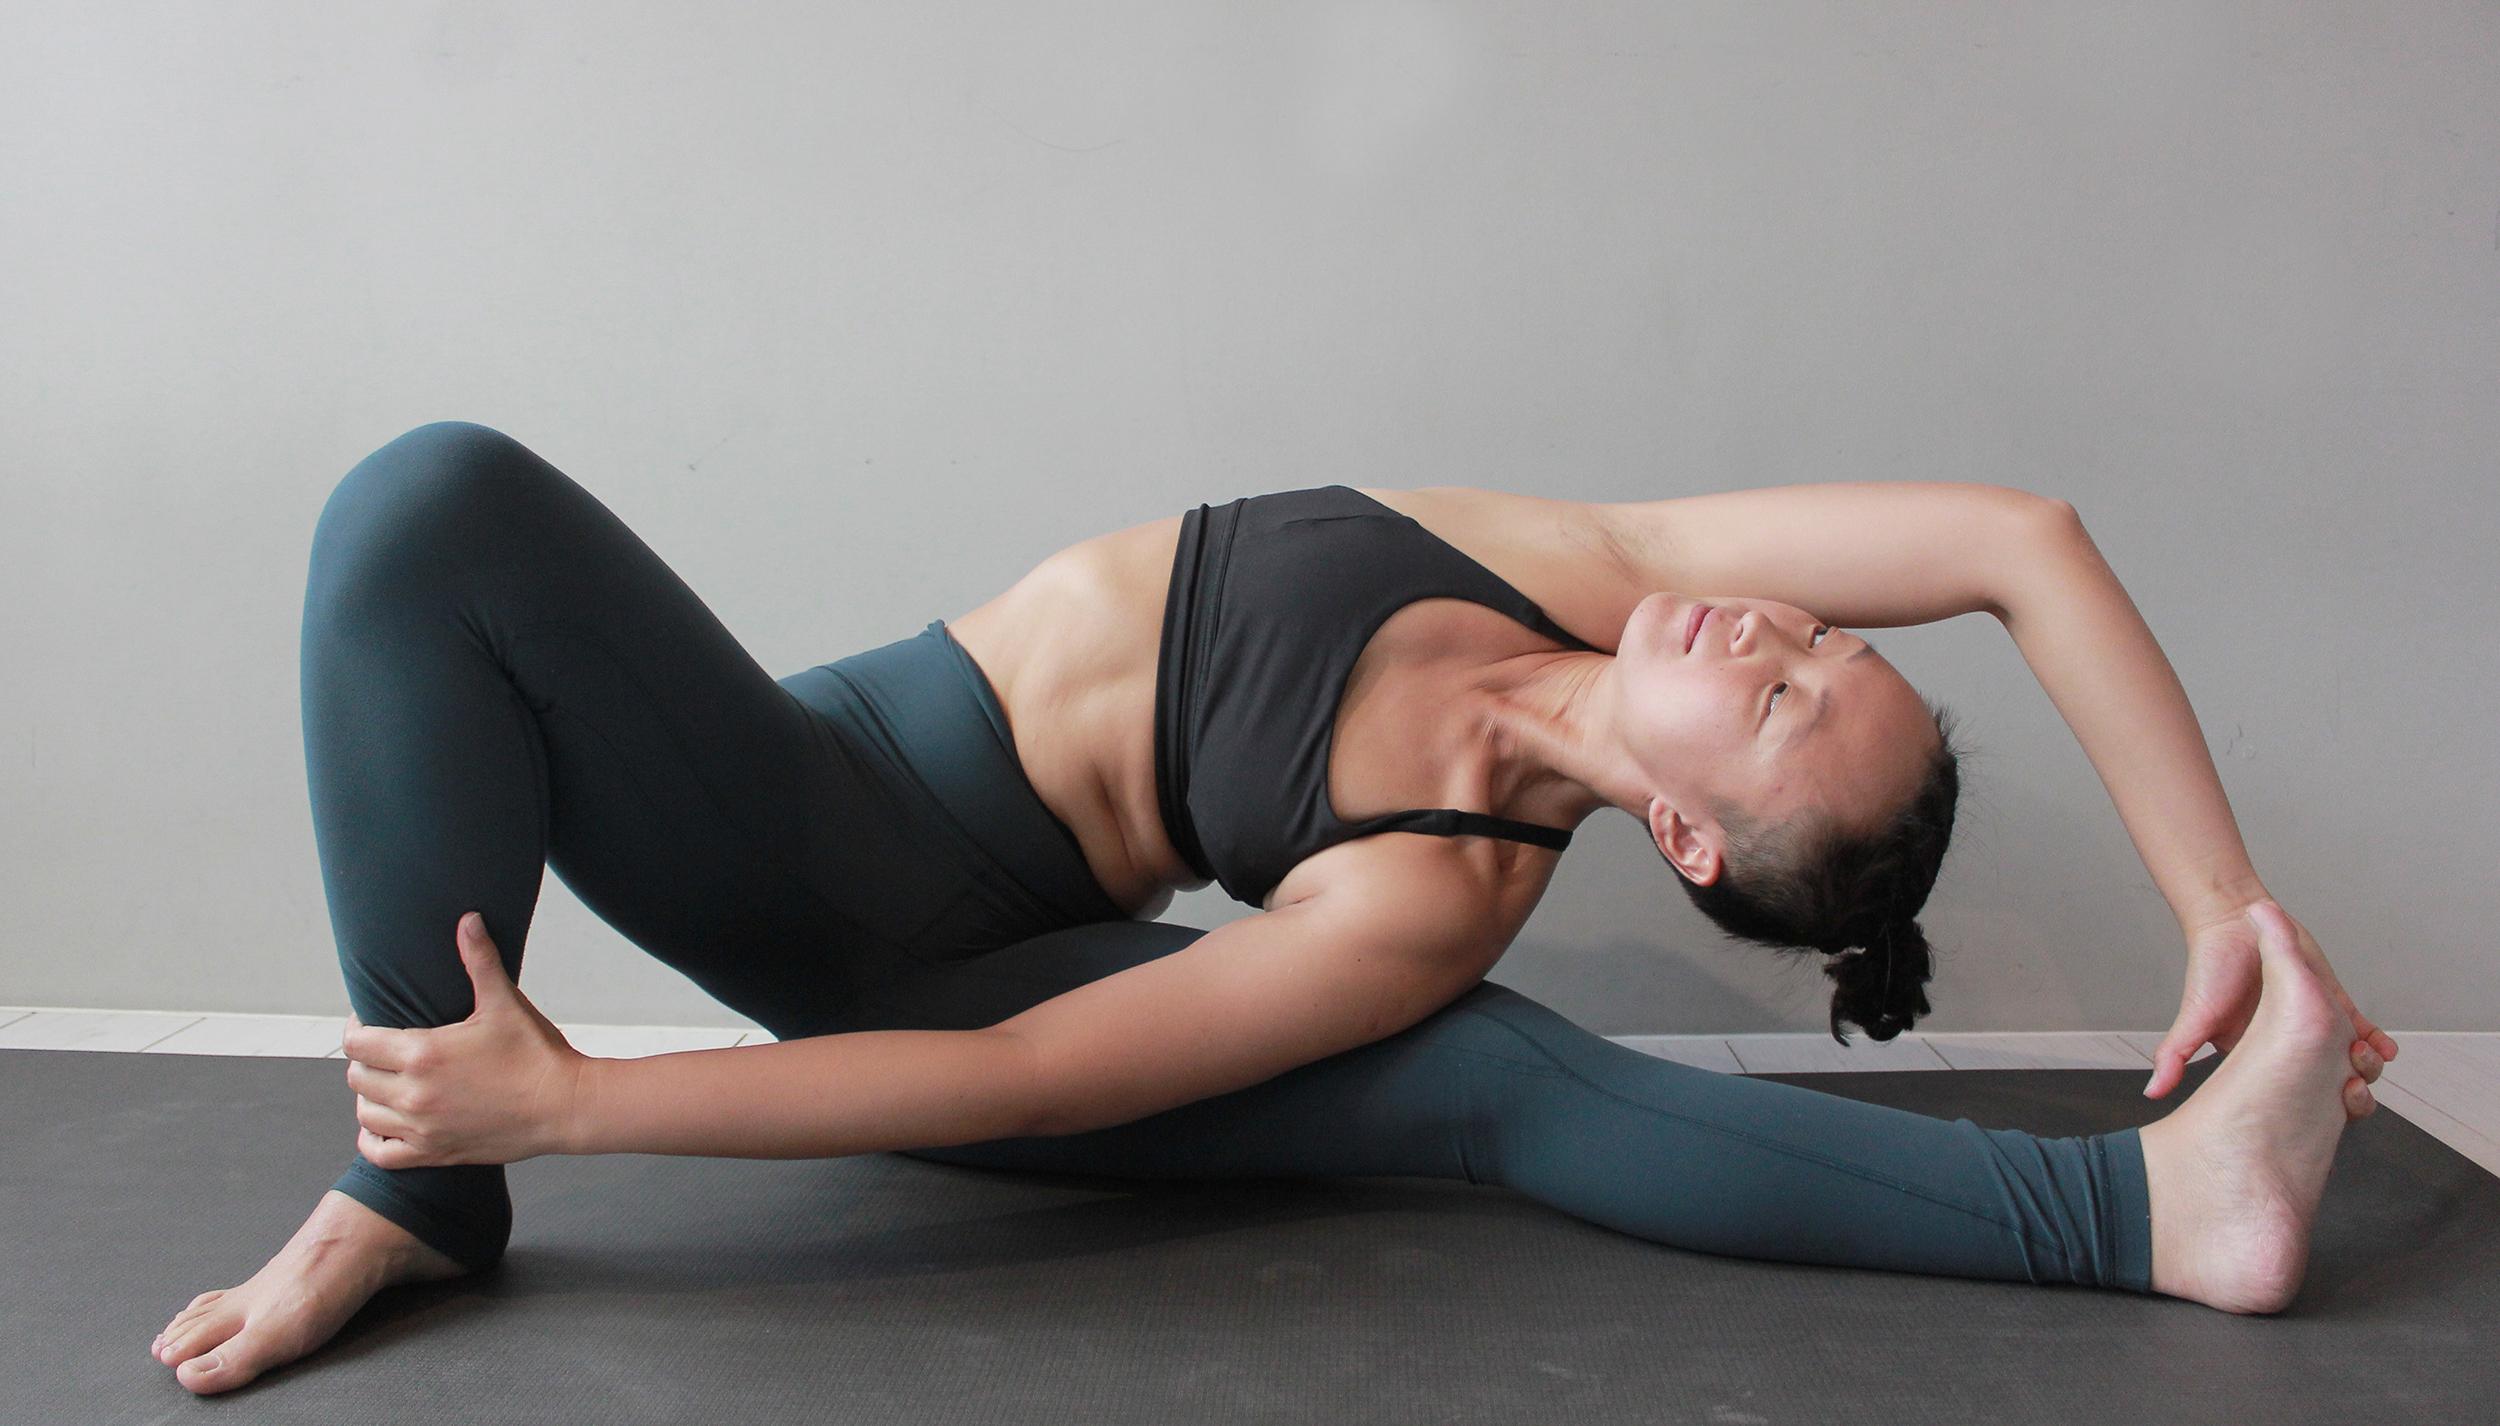 Yoga teacher — Chaoyu<br /><p>我從事繁忙的空間設計⼯作超過⼗年。當時的我,是⼀個性⼦很急,駝着背、背著重量超載的背包,低著頭快步⾛路,不斷接電話、三兩⼝就吃完⼀個便當的忙碌的女⽣</p>